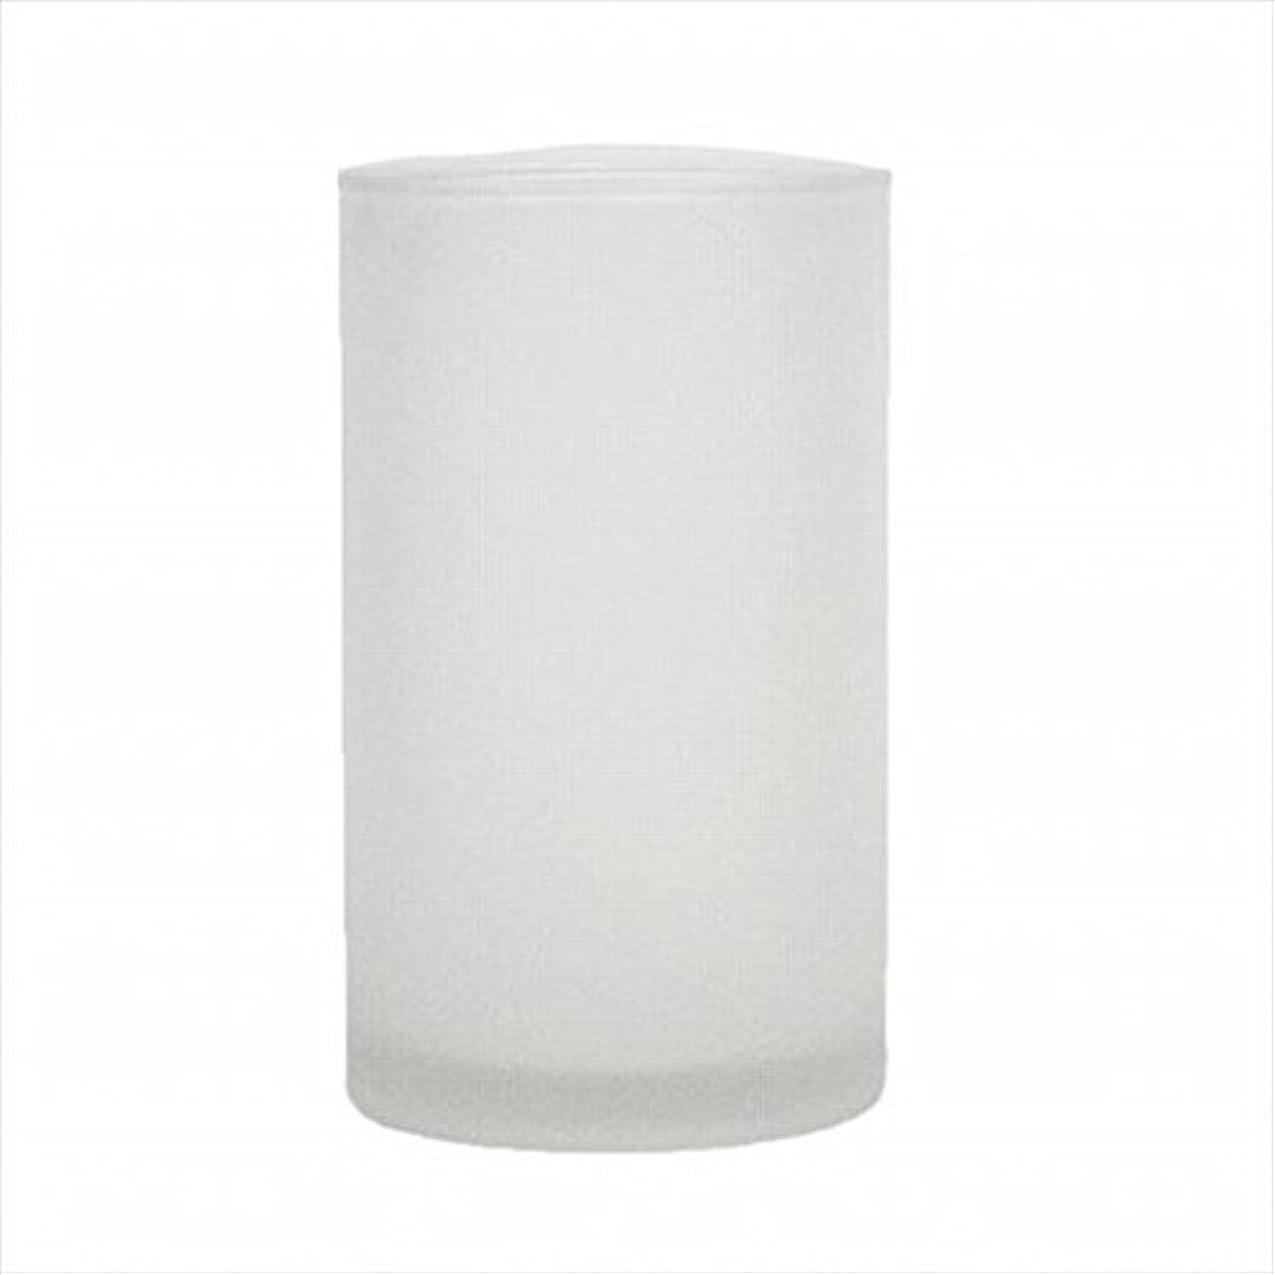 アカウント不適切な哲学kameyama candle(カメヤマキャンドル) モルカグラスSフロスト キャンドル 90x90x155mm (65980000)